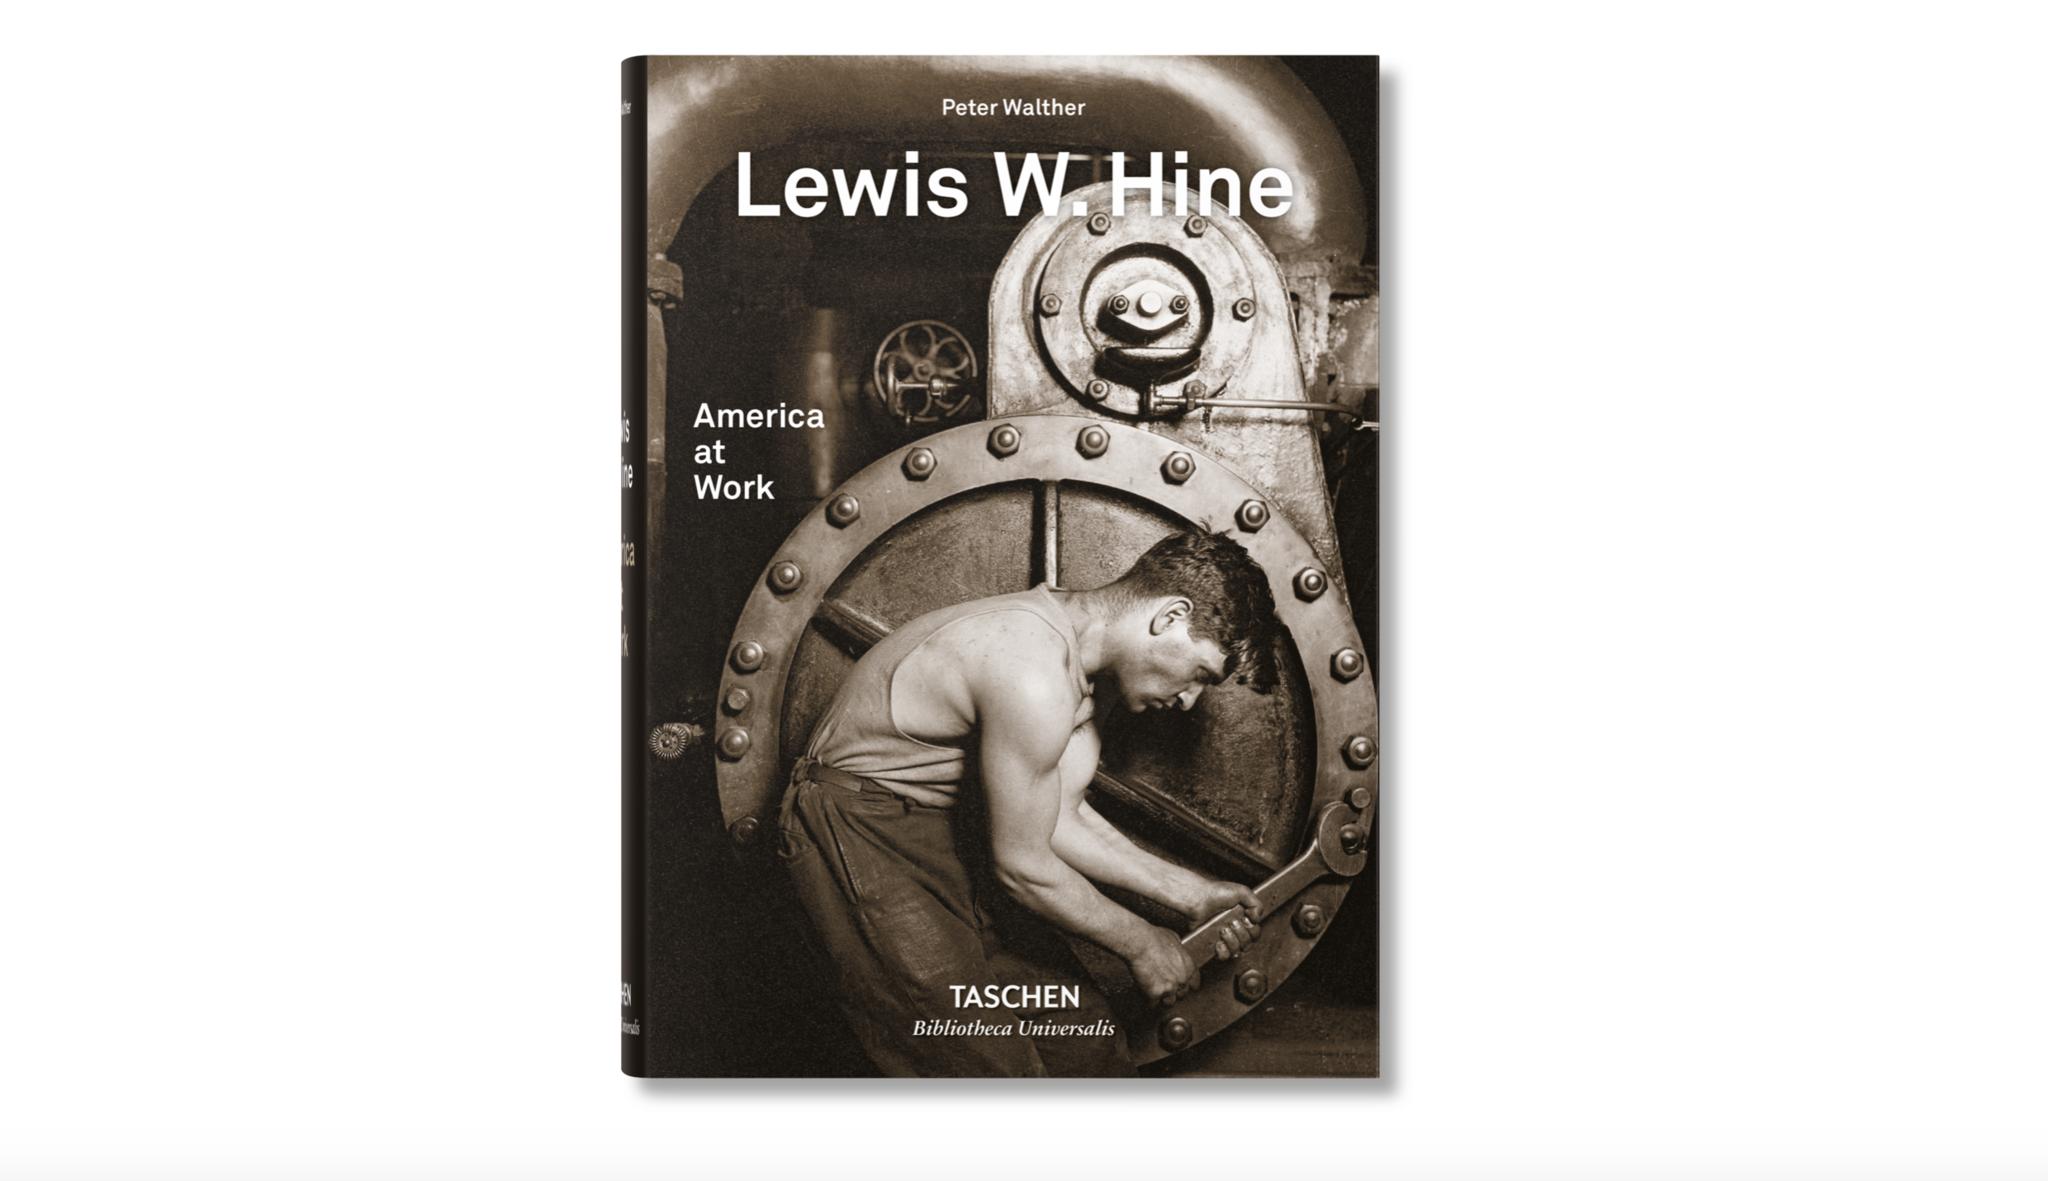 Taschen Lewis W. Hines: America at Work